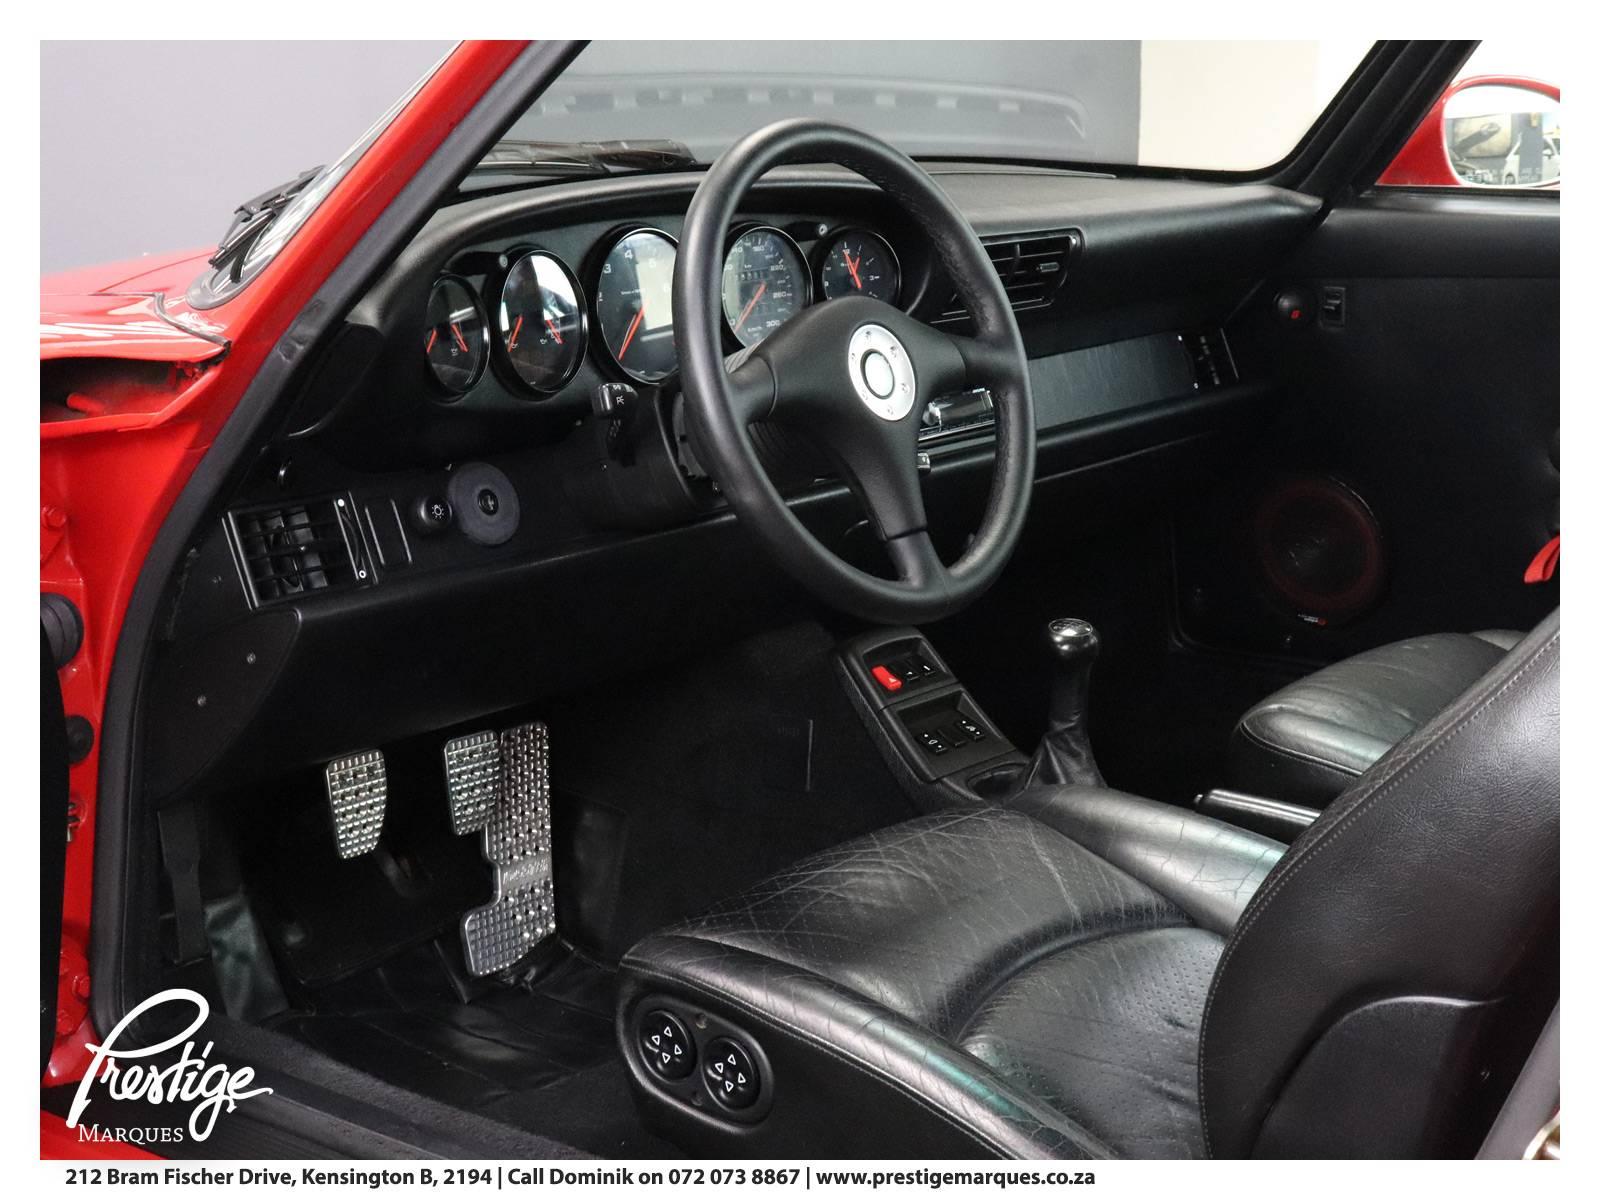 PORSCHE-911-993-CARRERA-RS-PRESTIGE-MARQUES-RANDBURG-SANDTON-15